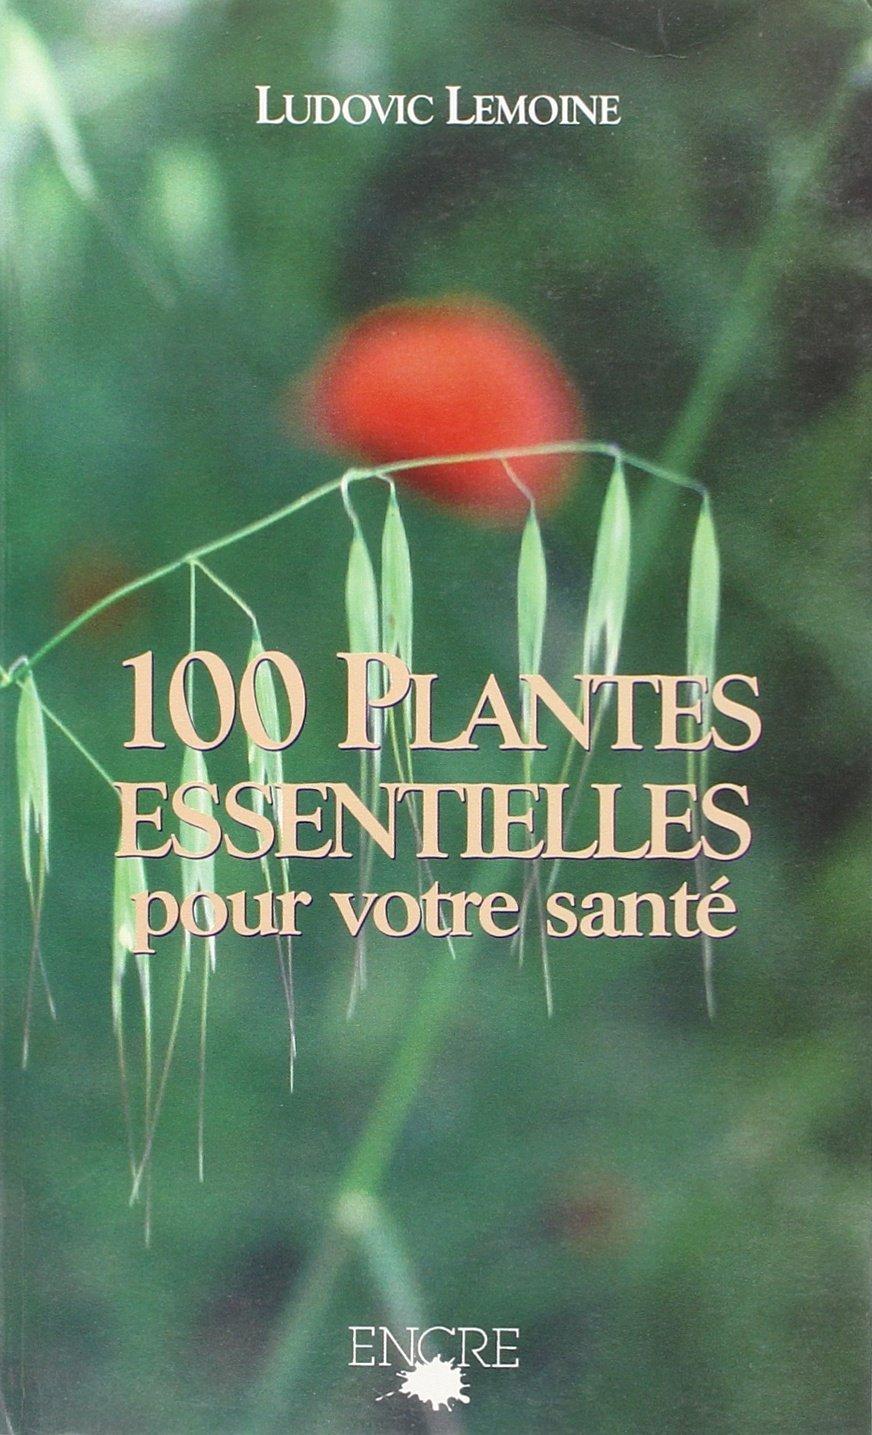 Amazon.fr - 100 plantes essentielles pour votre santé - Collectif - Livres